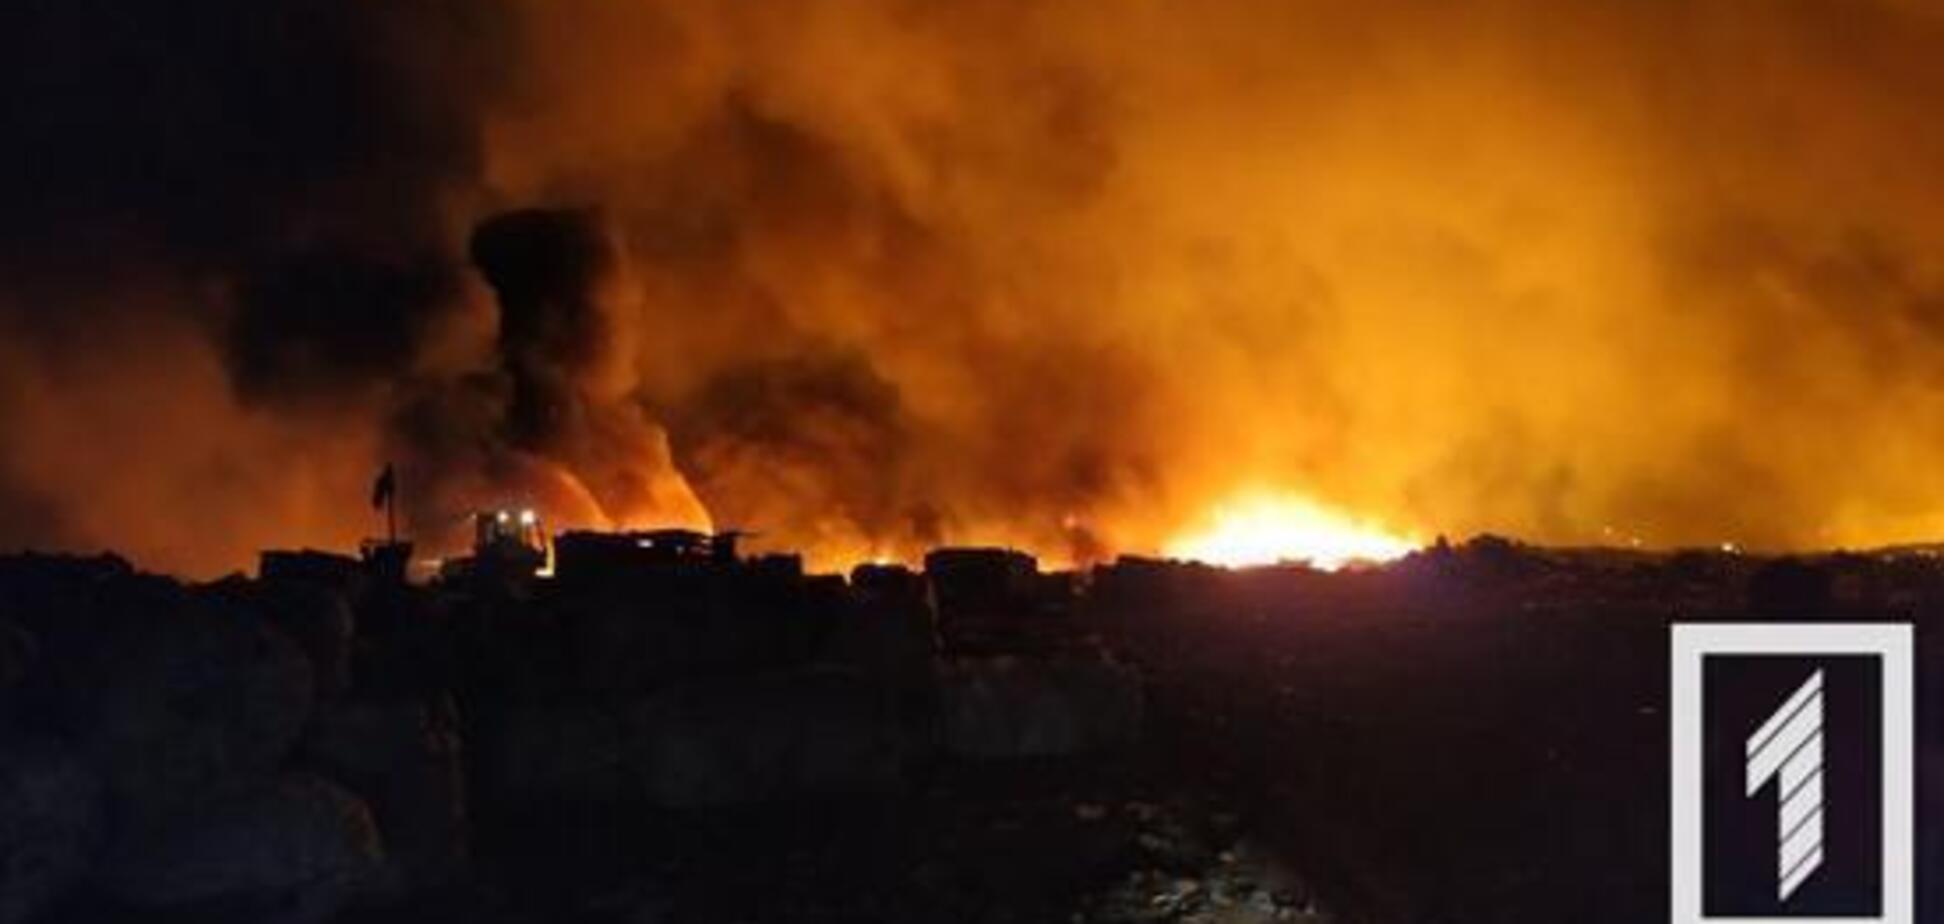 У Кривому Розі вогонь охопив масштабний сміттєвий полігон. Фото з місця НП